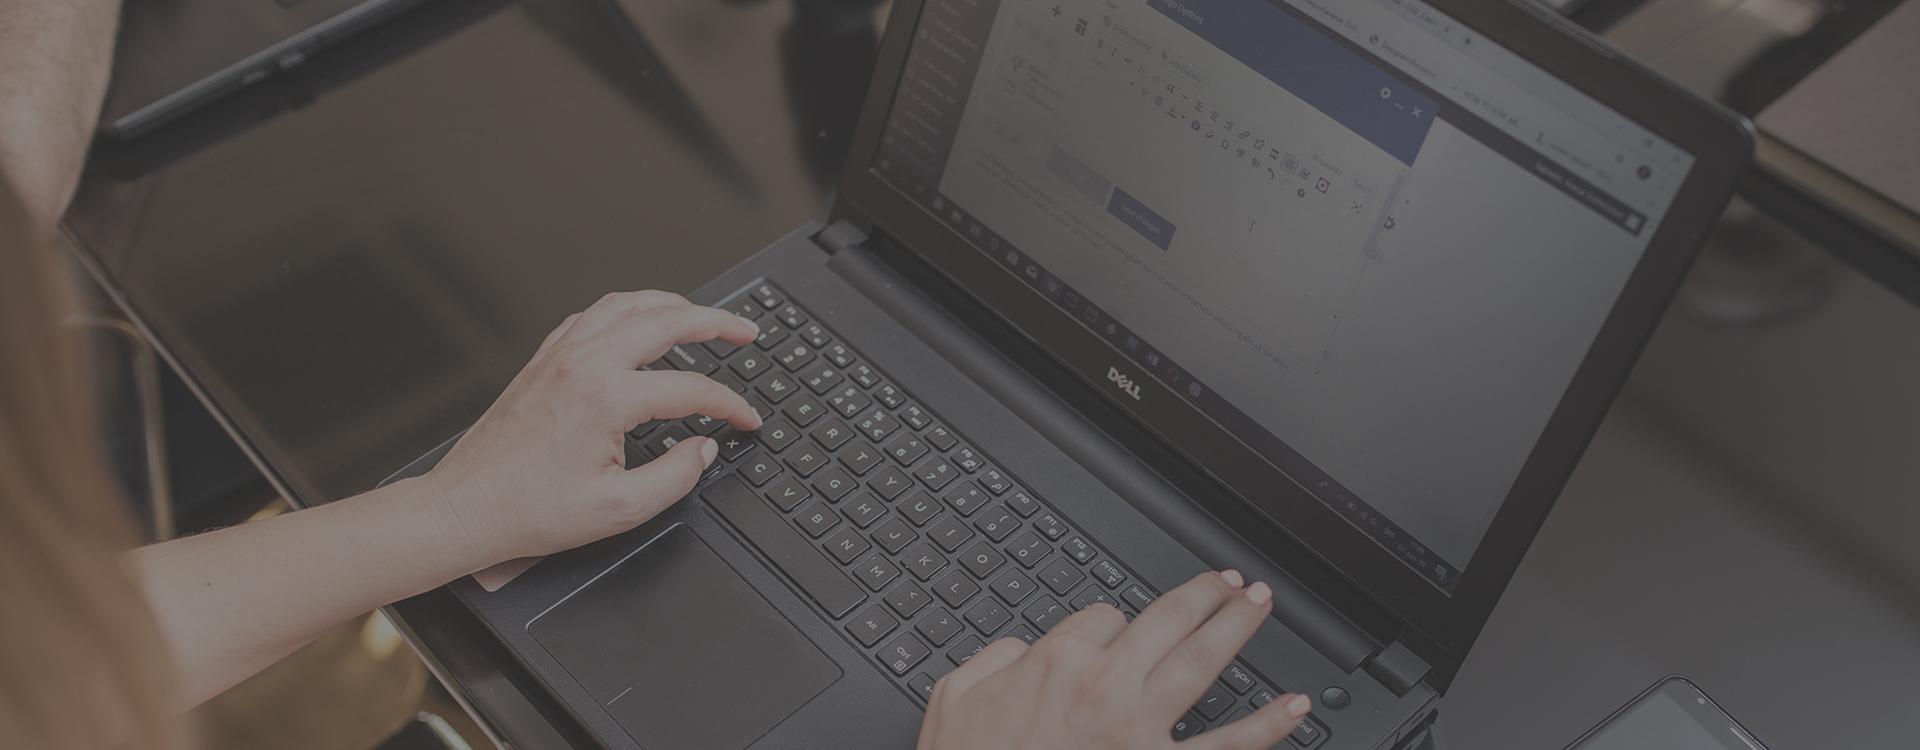 Izrada veb-sajtova